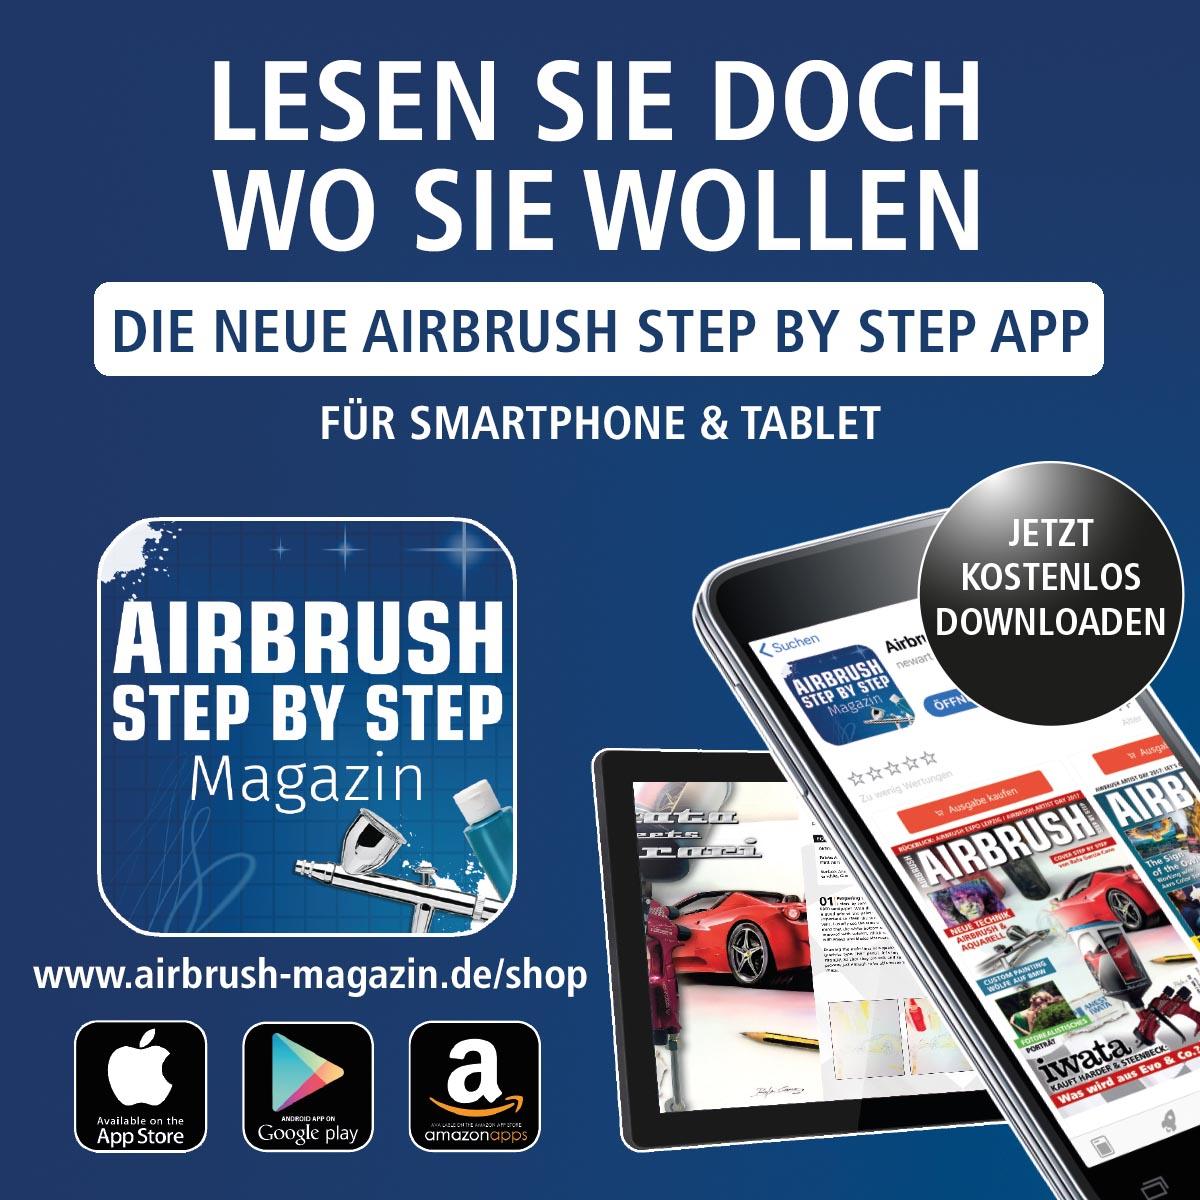 Die neue Airbrush Step by Step App ist da